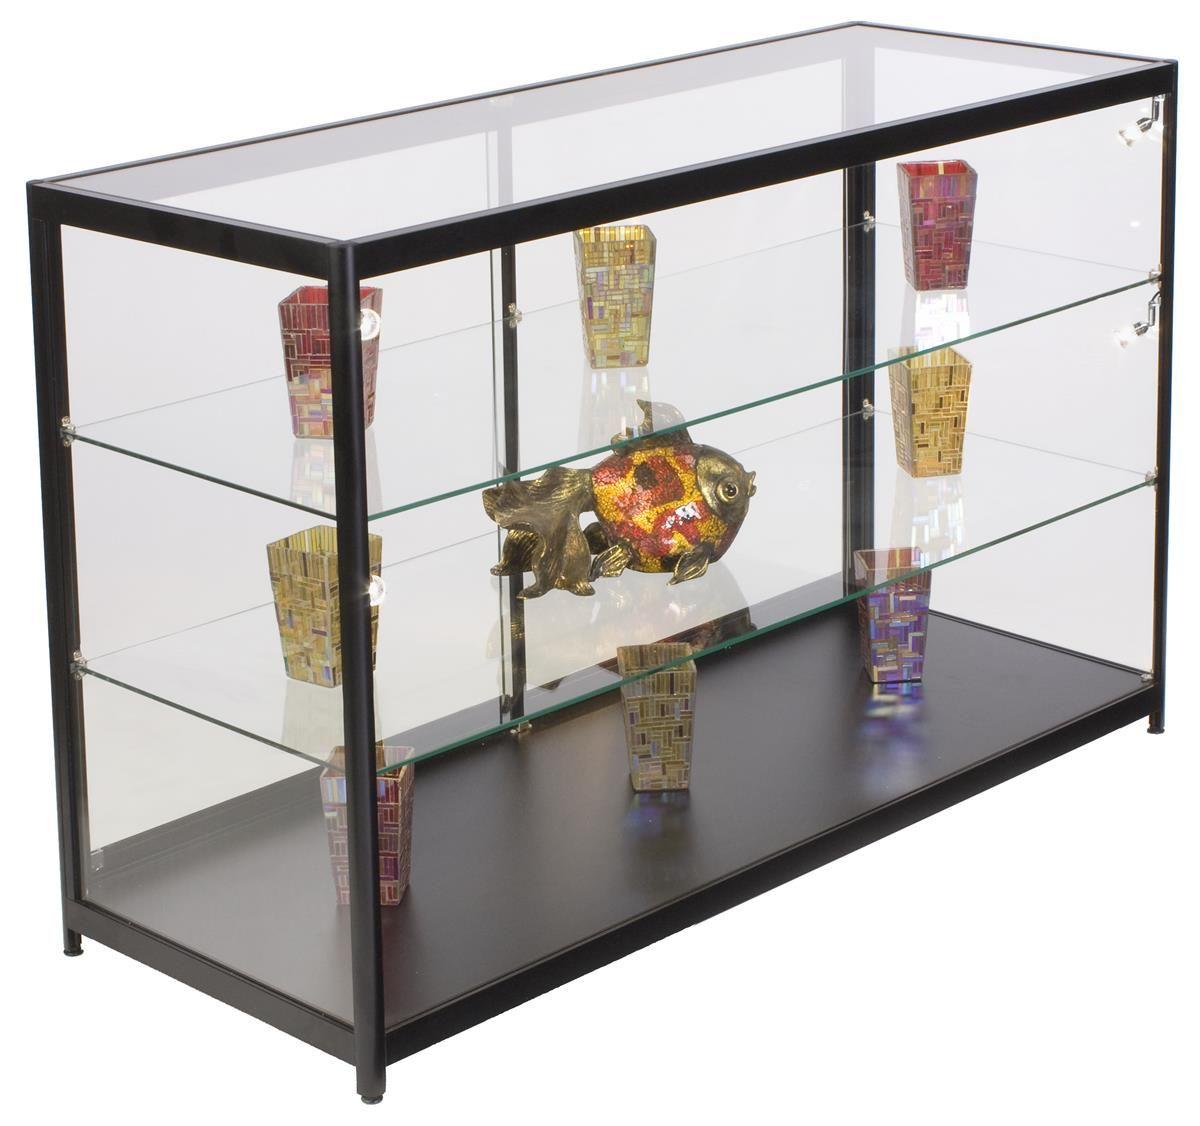 48 Retail Display Case W Side Led Lights Sliding Door Ships Assembled Black Glass Shelves Shelves Adjustable Shelving